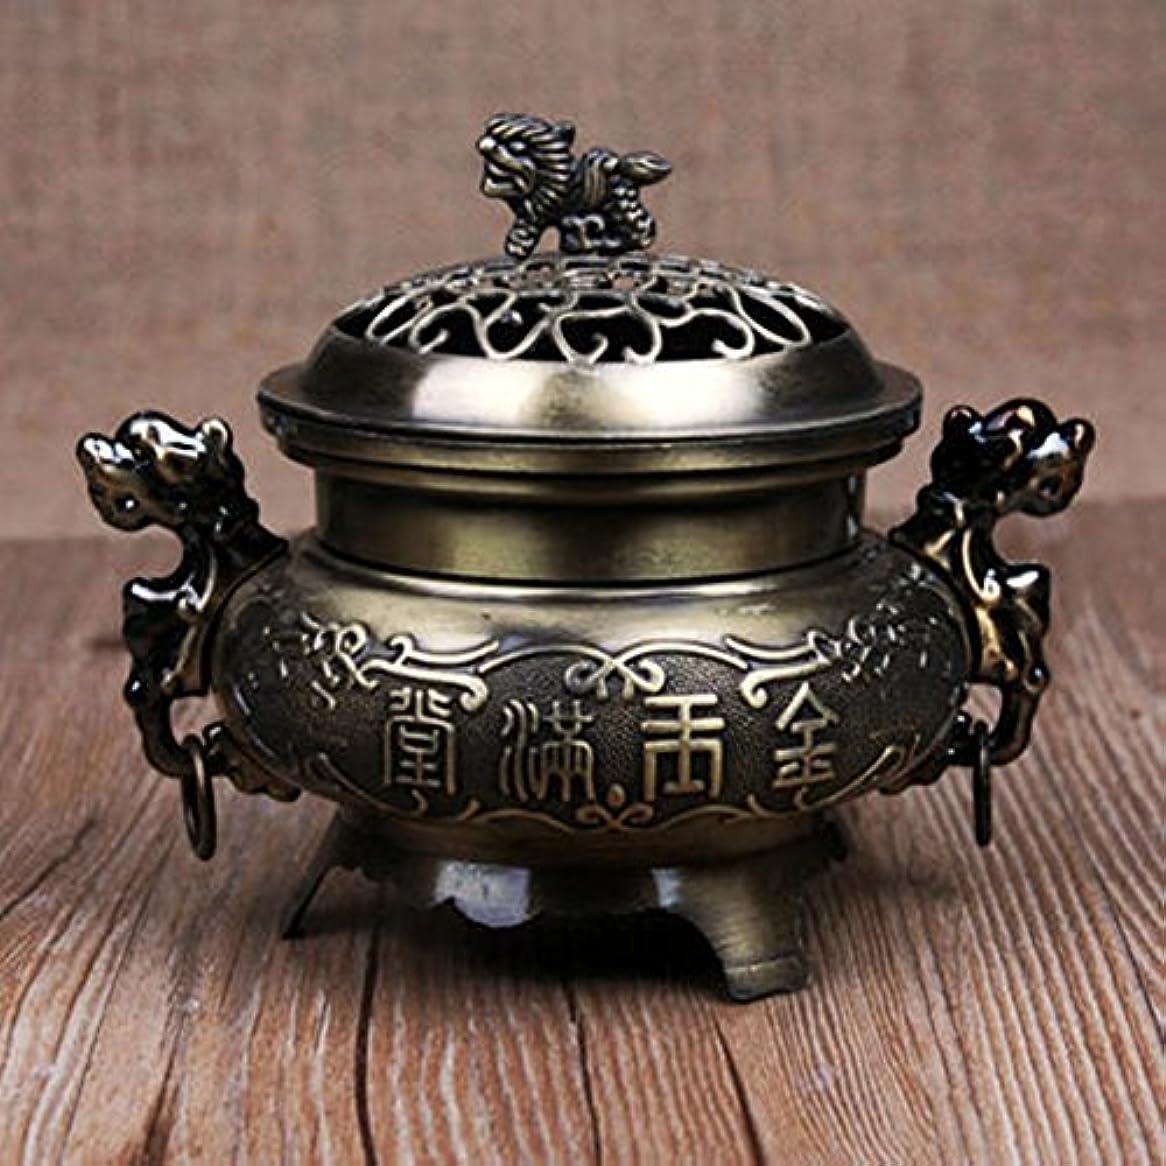 レコーダー熟達した蛾Liebeye レトロスタイルの合金香炉 バーナーダブルドラゴン 中空カバー香炉 ホームデコレーション 青銅色